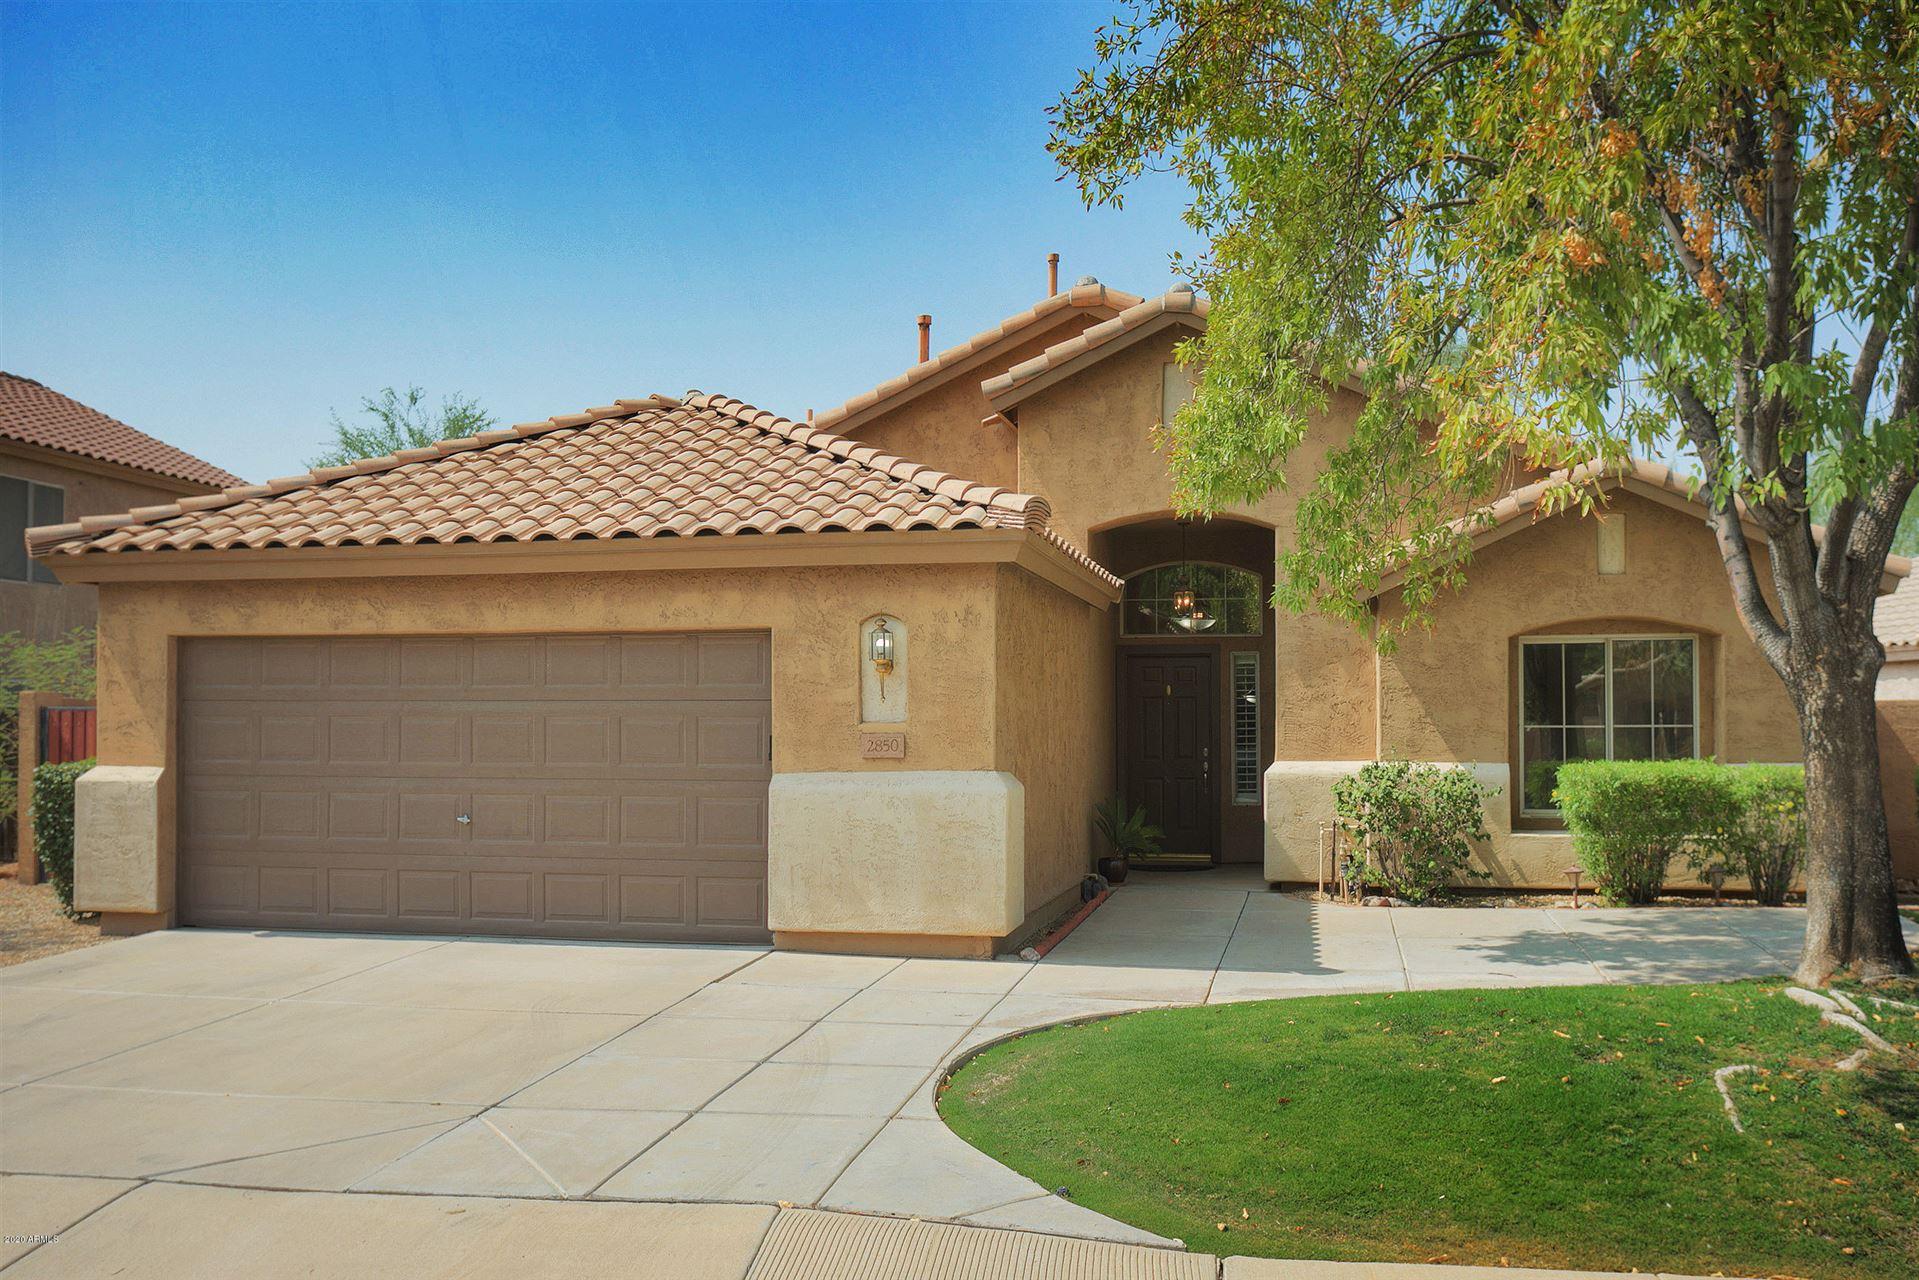 2850 S TUMBLEWEED Lane, Chandler, AZ 85286 - MLS#: 6134752